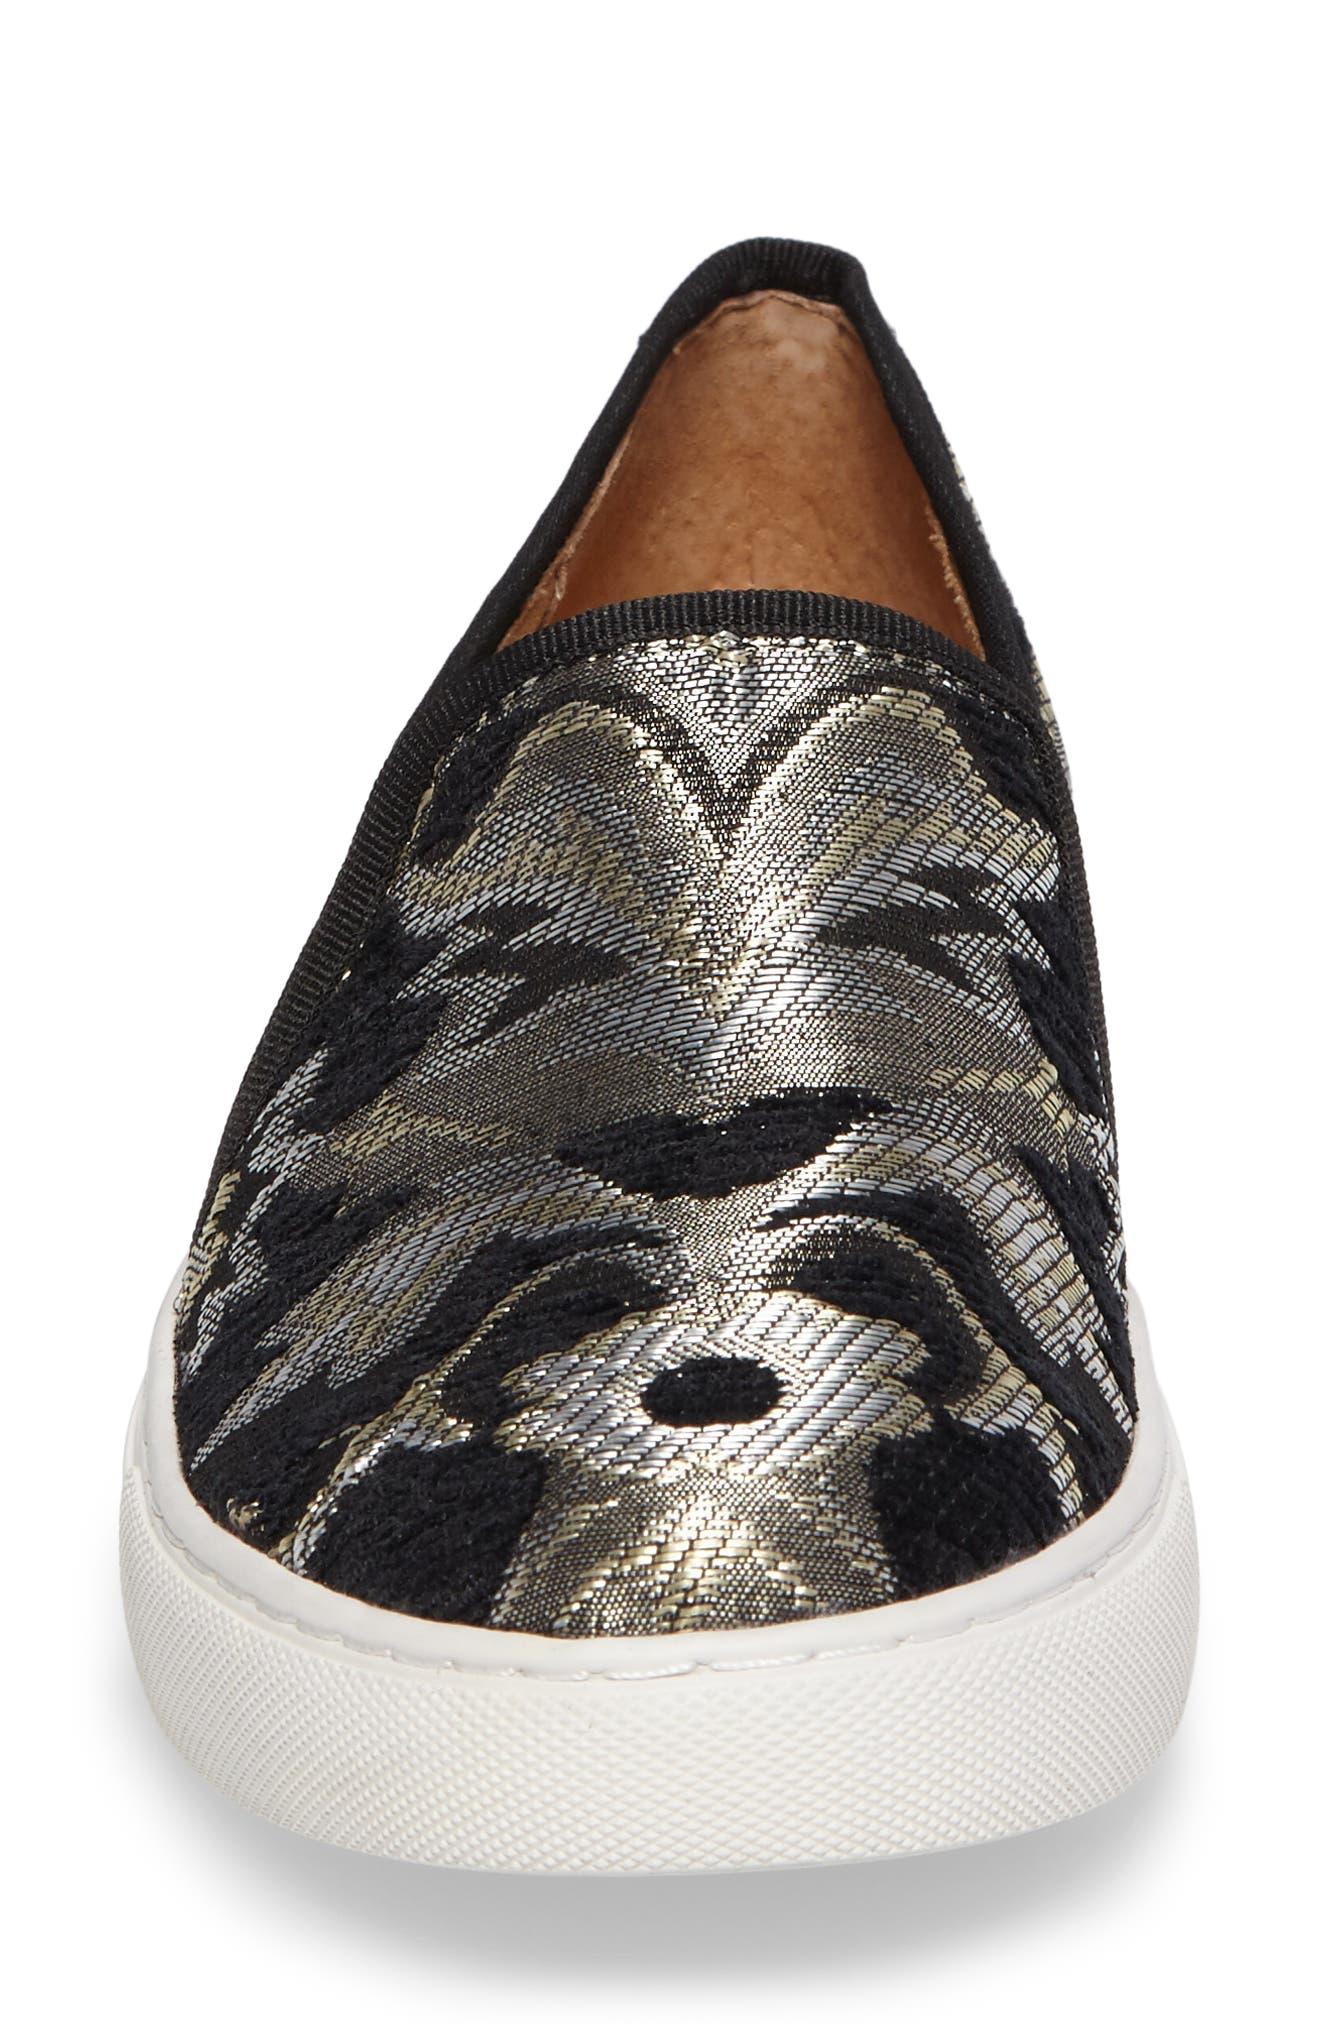 Skipper Slip-On Sneaker,                             Alternate thumbnail 4, color,                             Black Brocade Leather